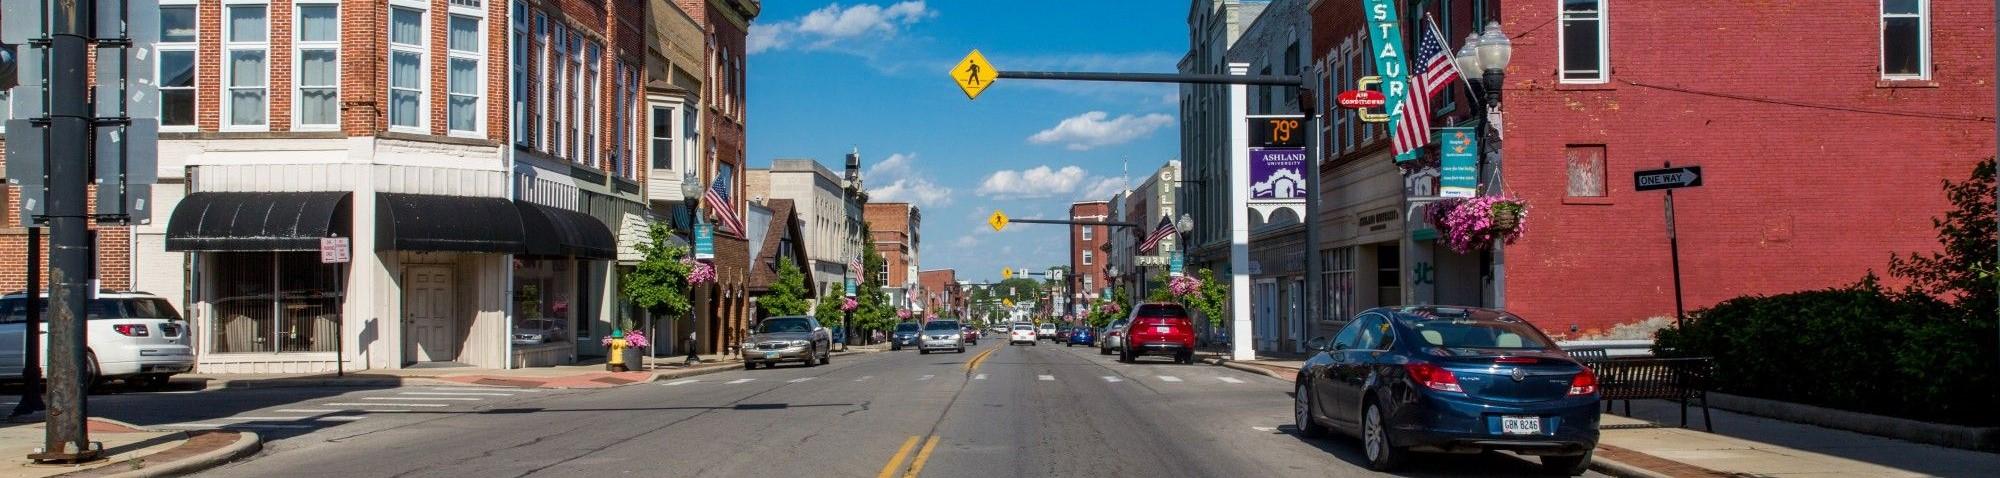 Ашленд, Огайо